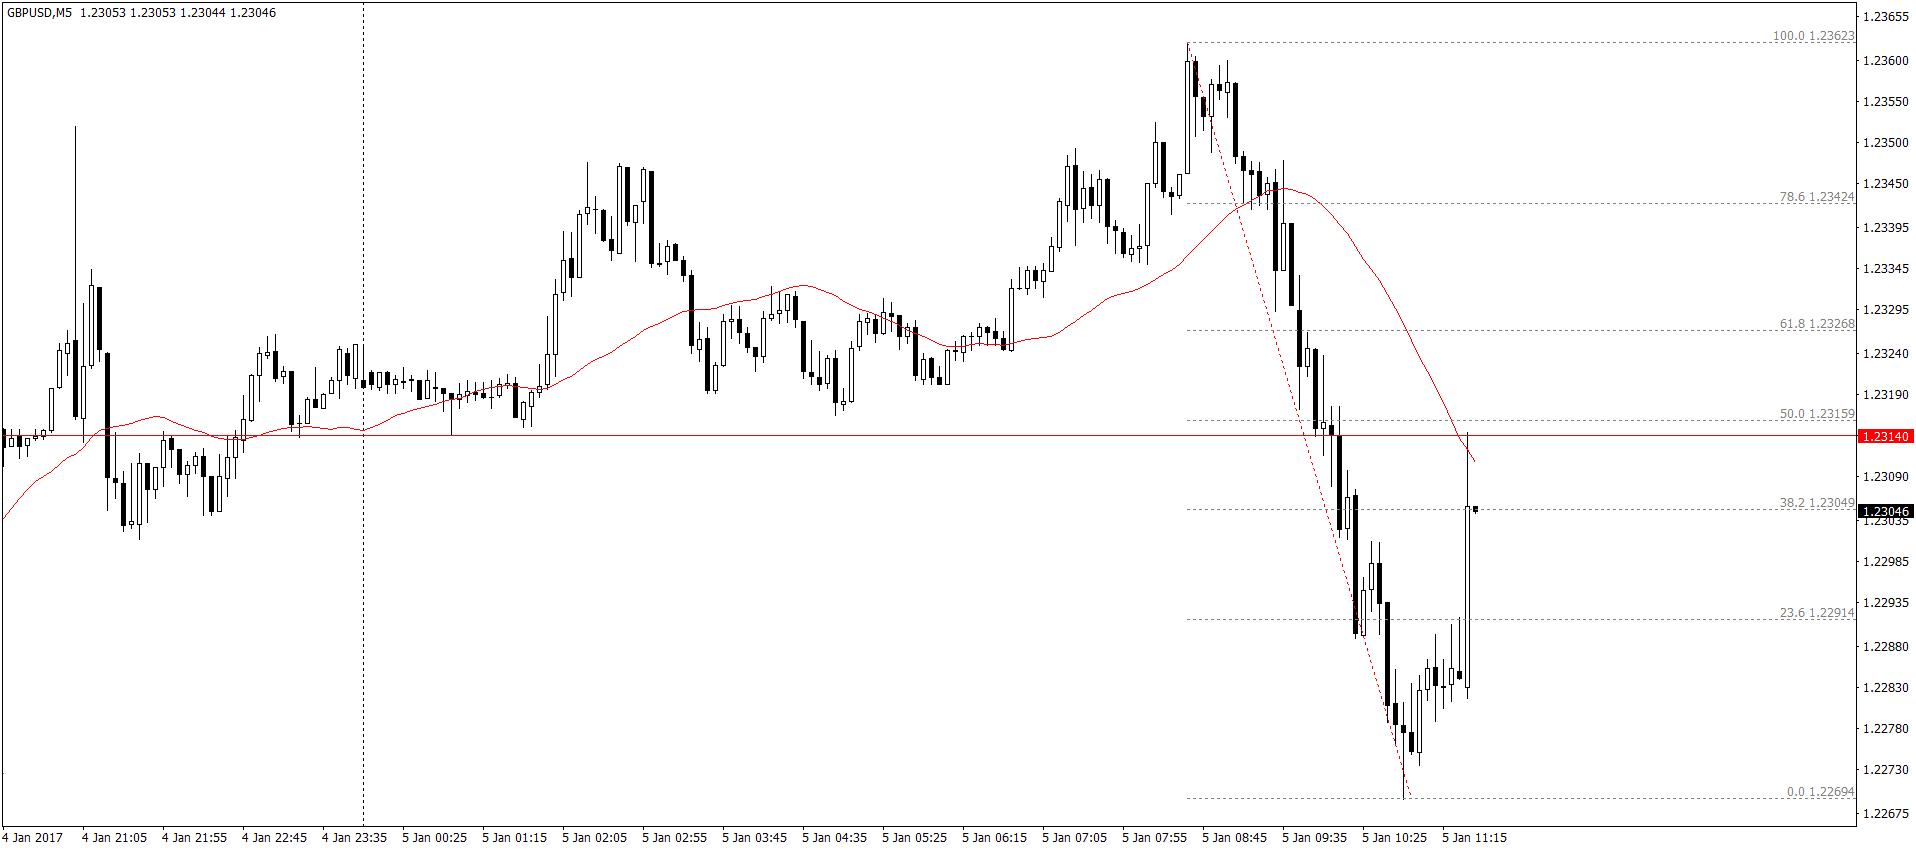 GBP/USD M5